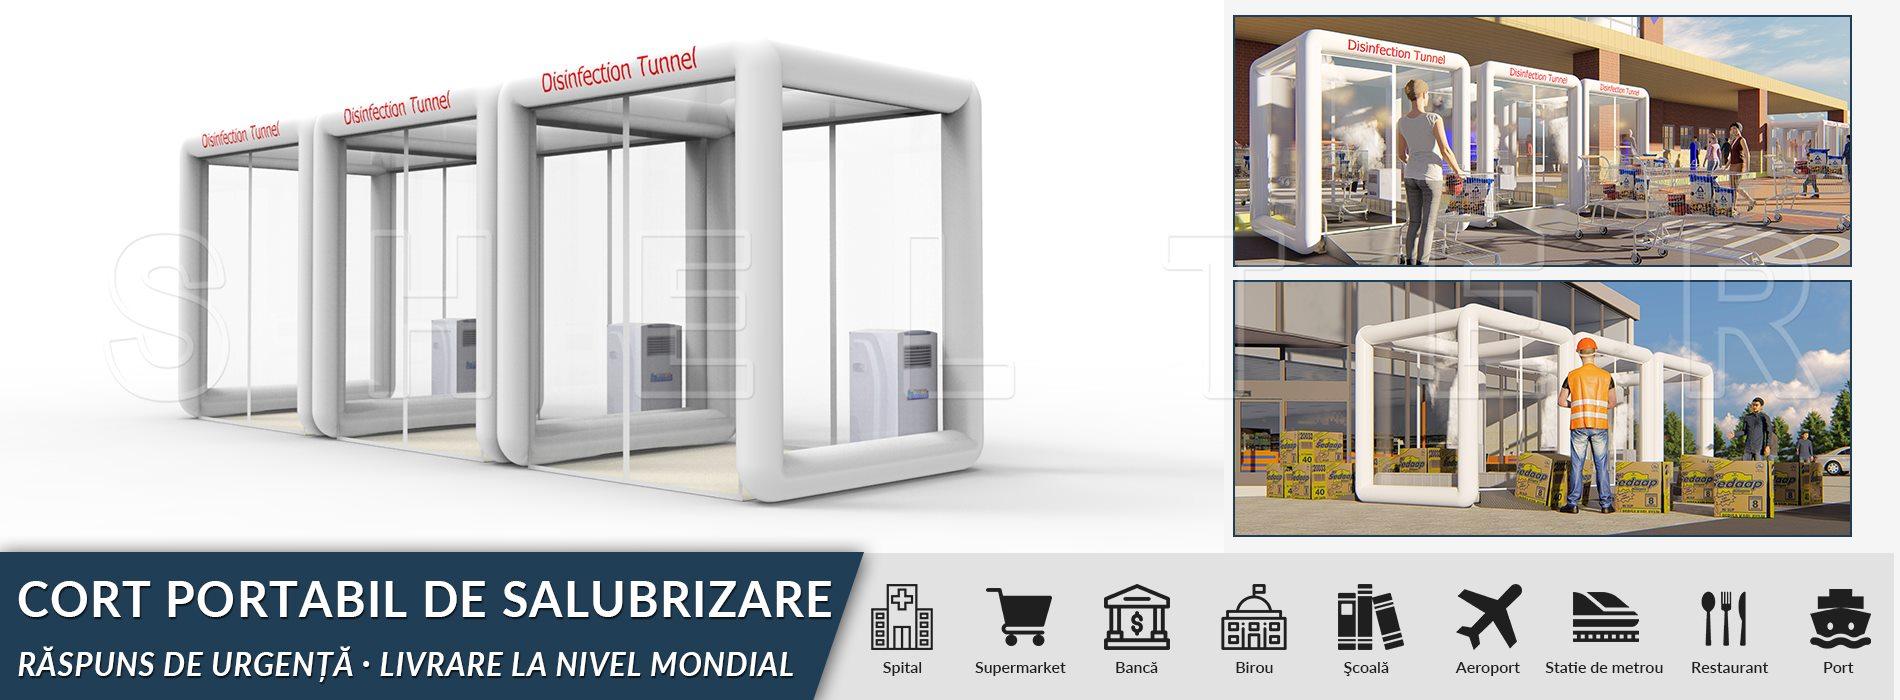 tunel de dezinfectare portabil – corturi de salubritate de vânzare 2